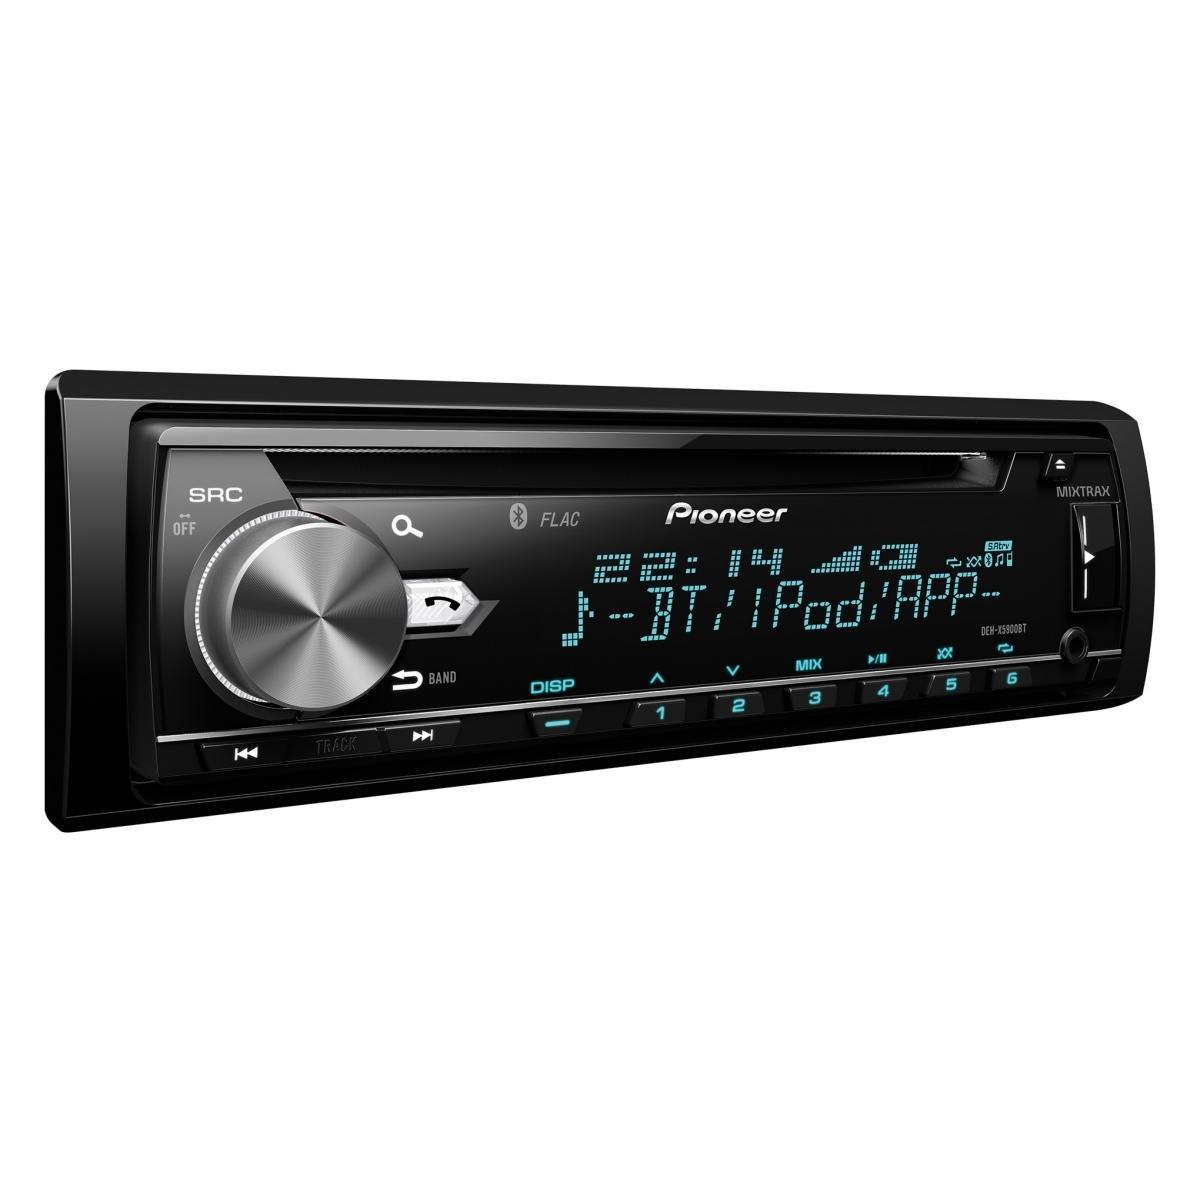 Pioneer DEH-X5900BT Autoradio (integrierter CD-Tuner, Bluetooth, Multi-Color Tastenbeleuchtung) Schwarz